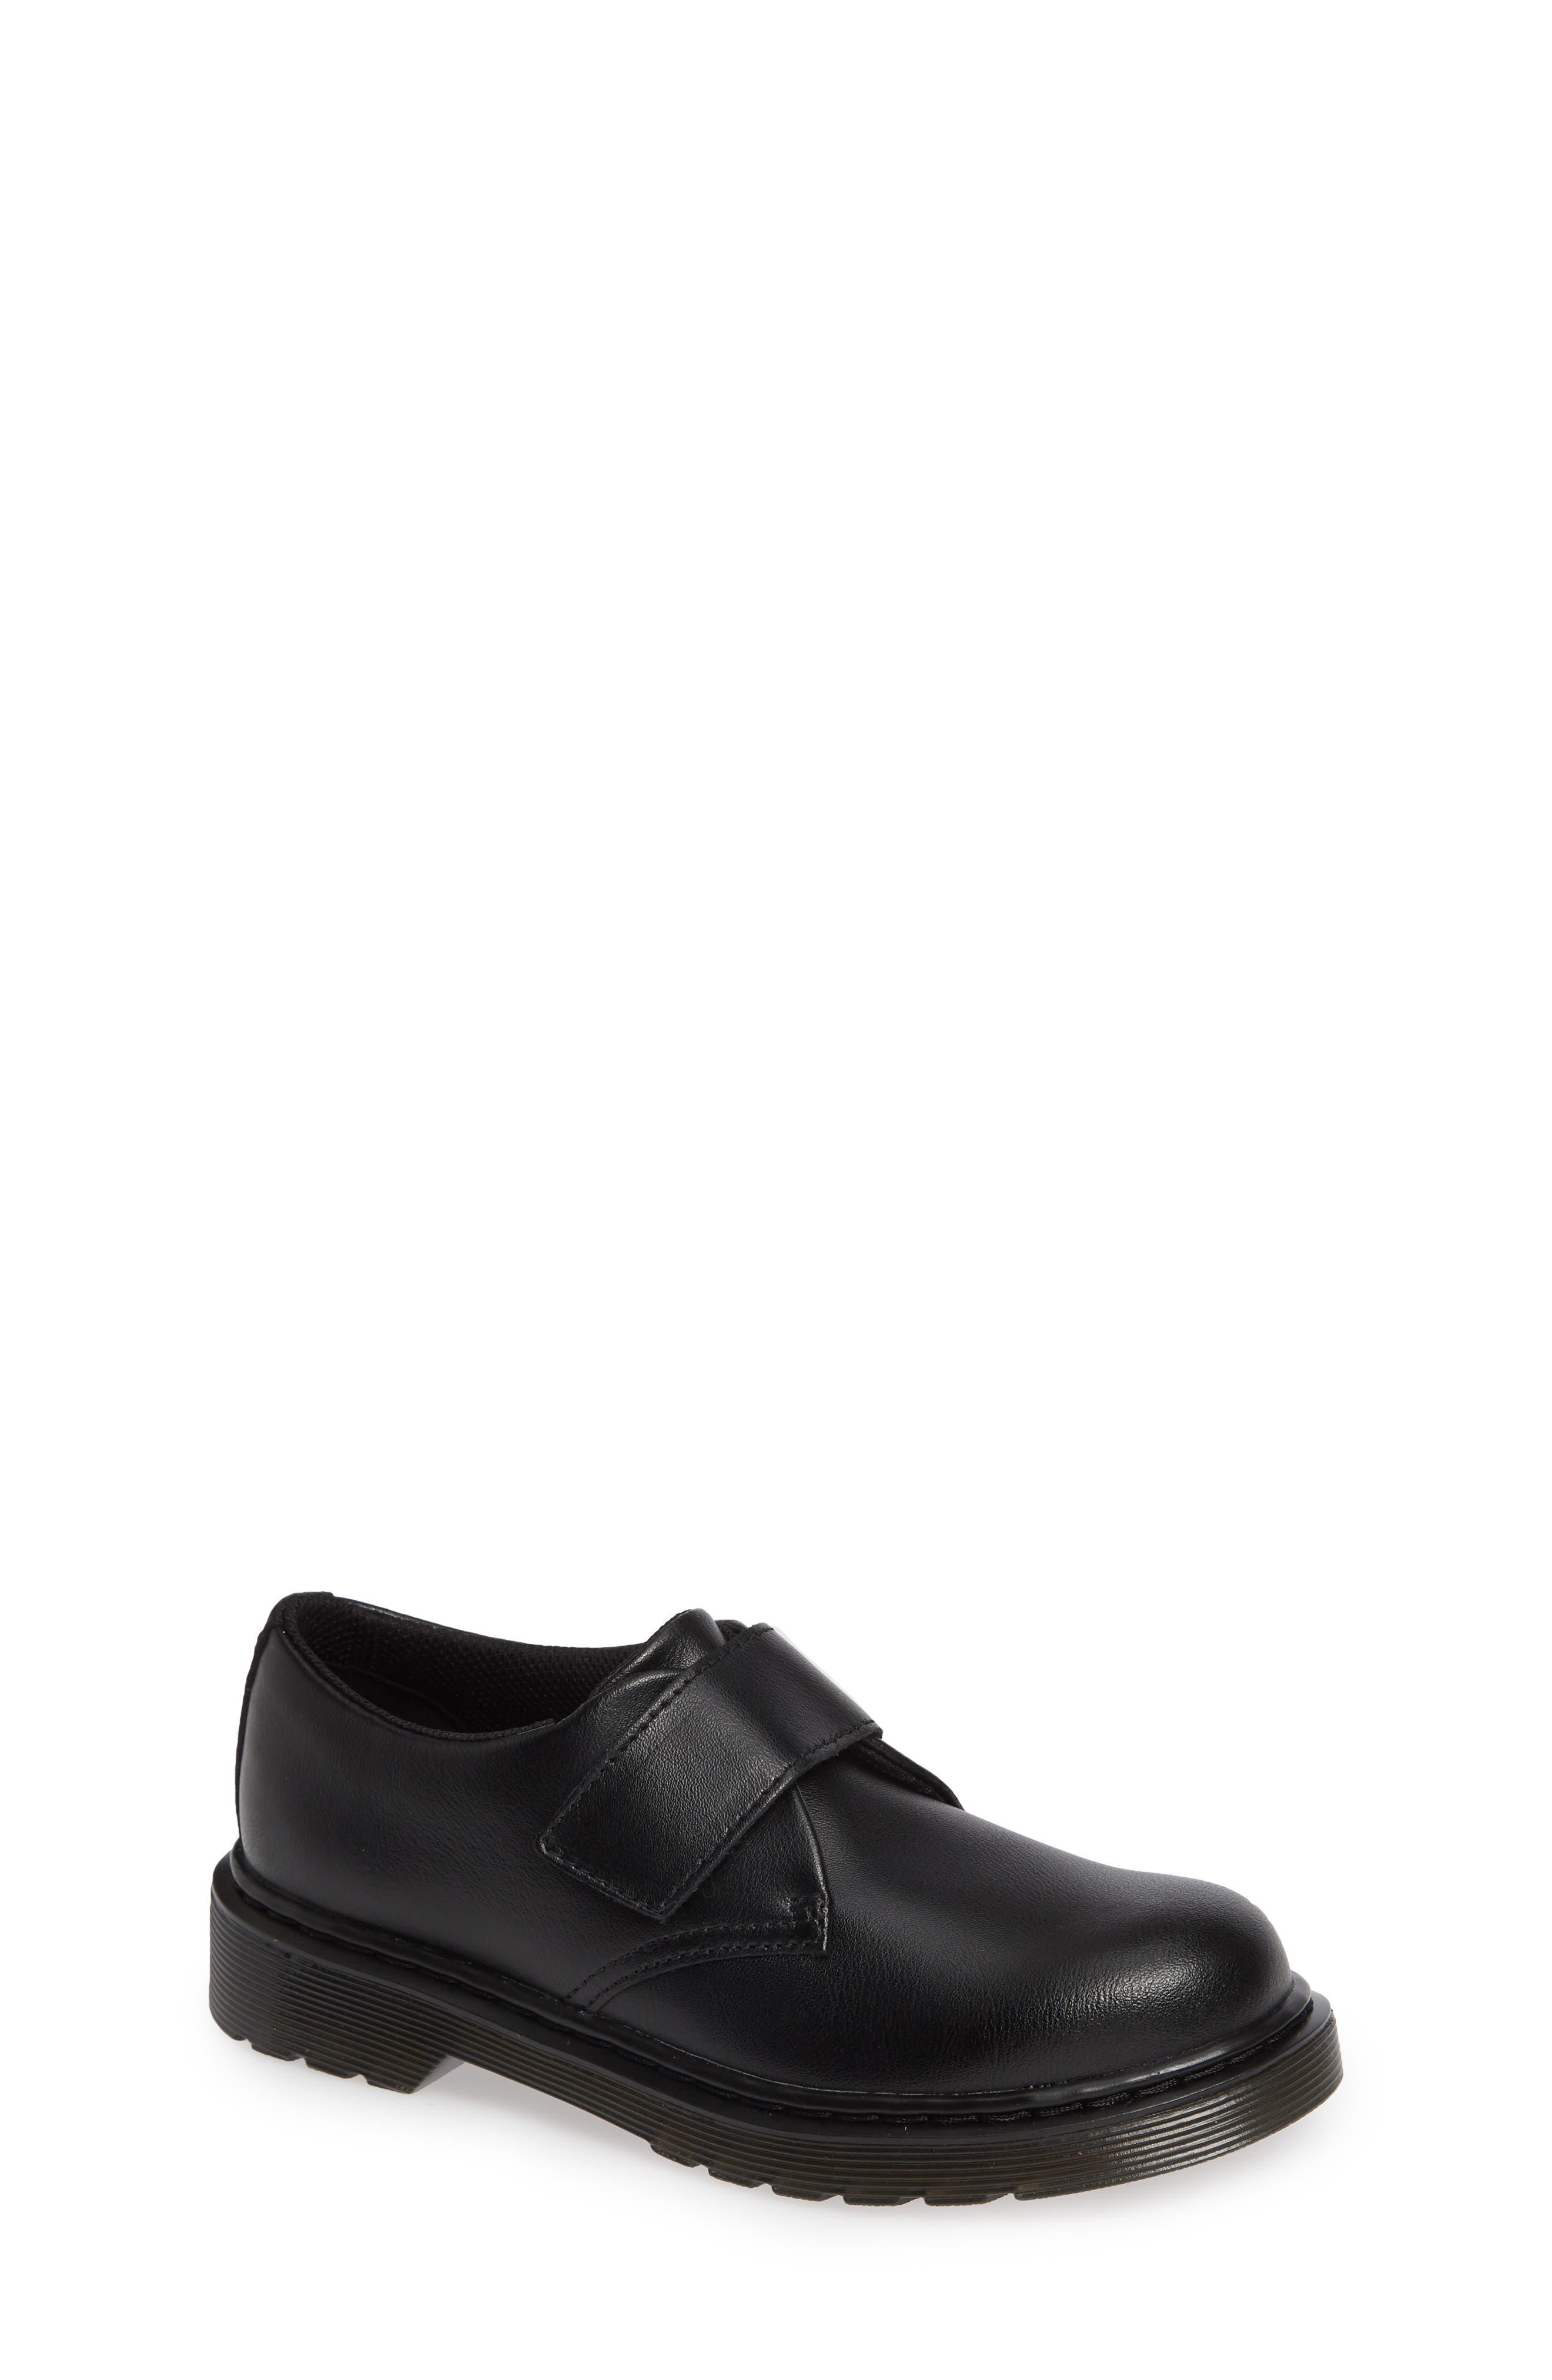 Toddler Dr Martens Strap Shoe Size 2 M  Black